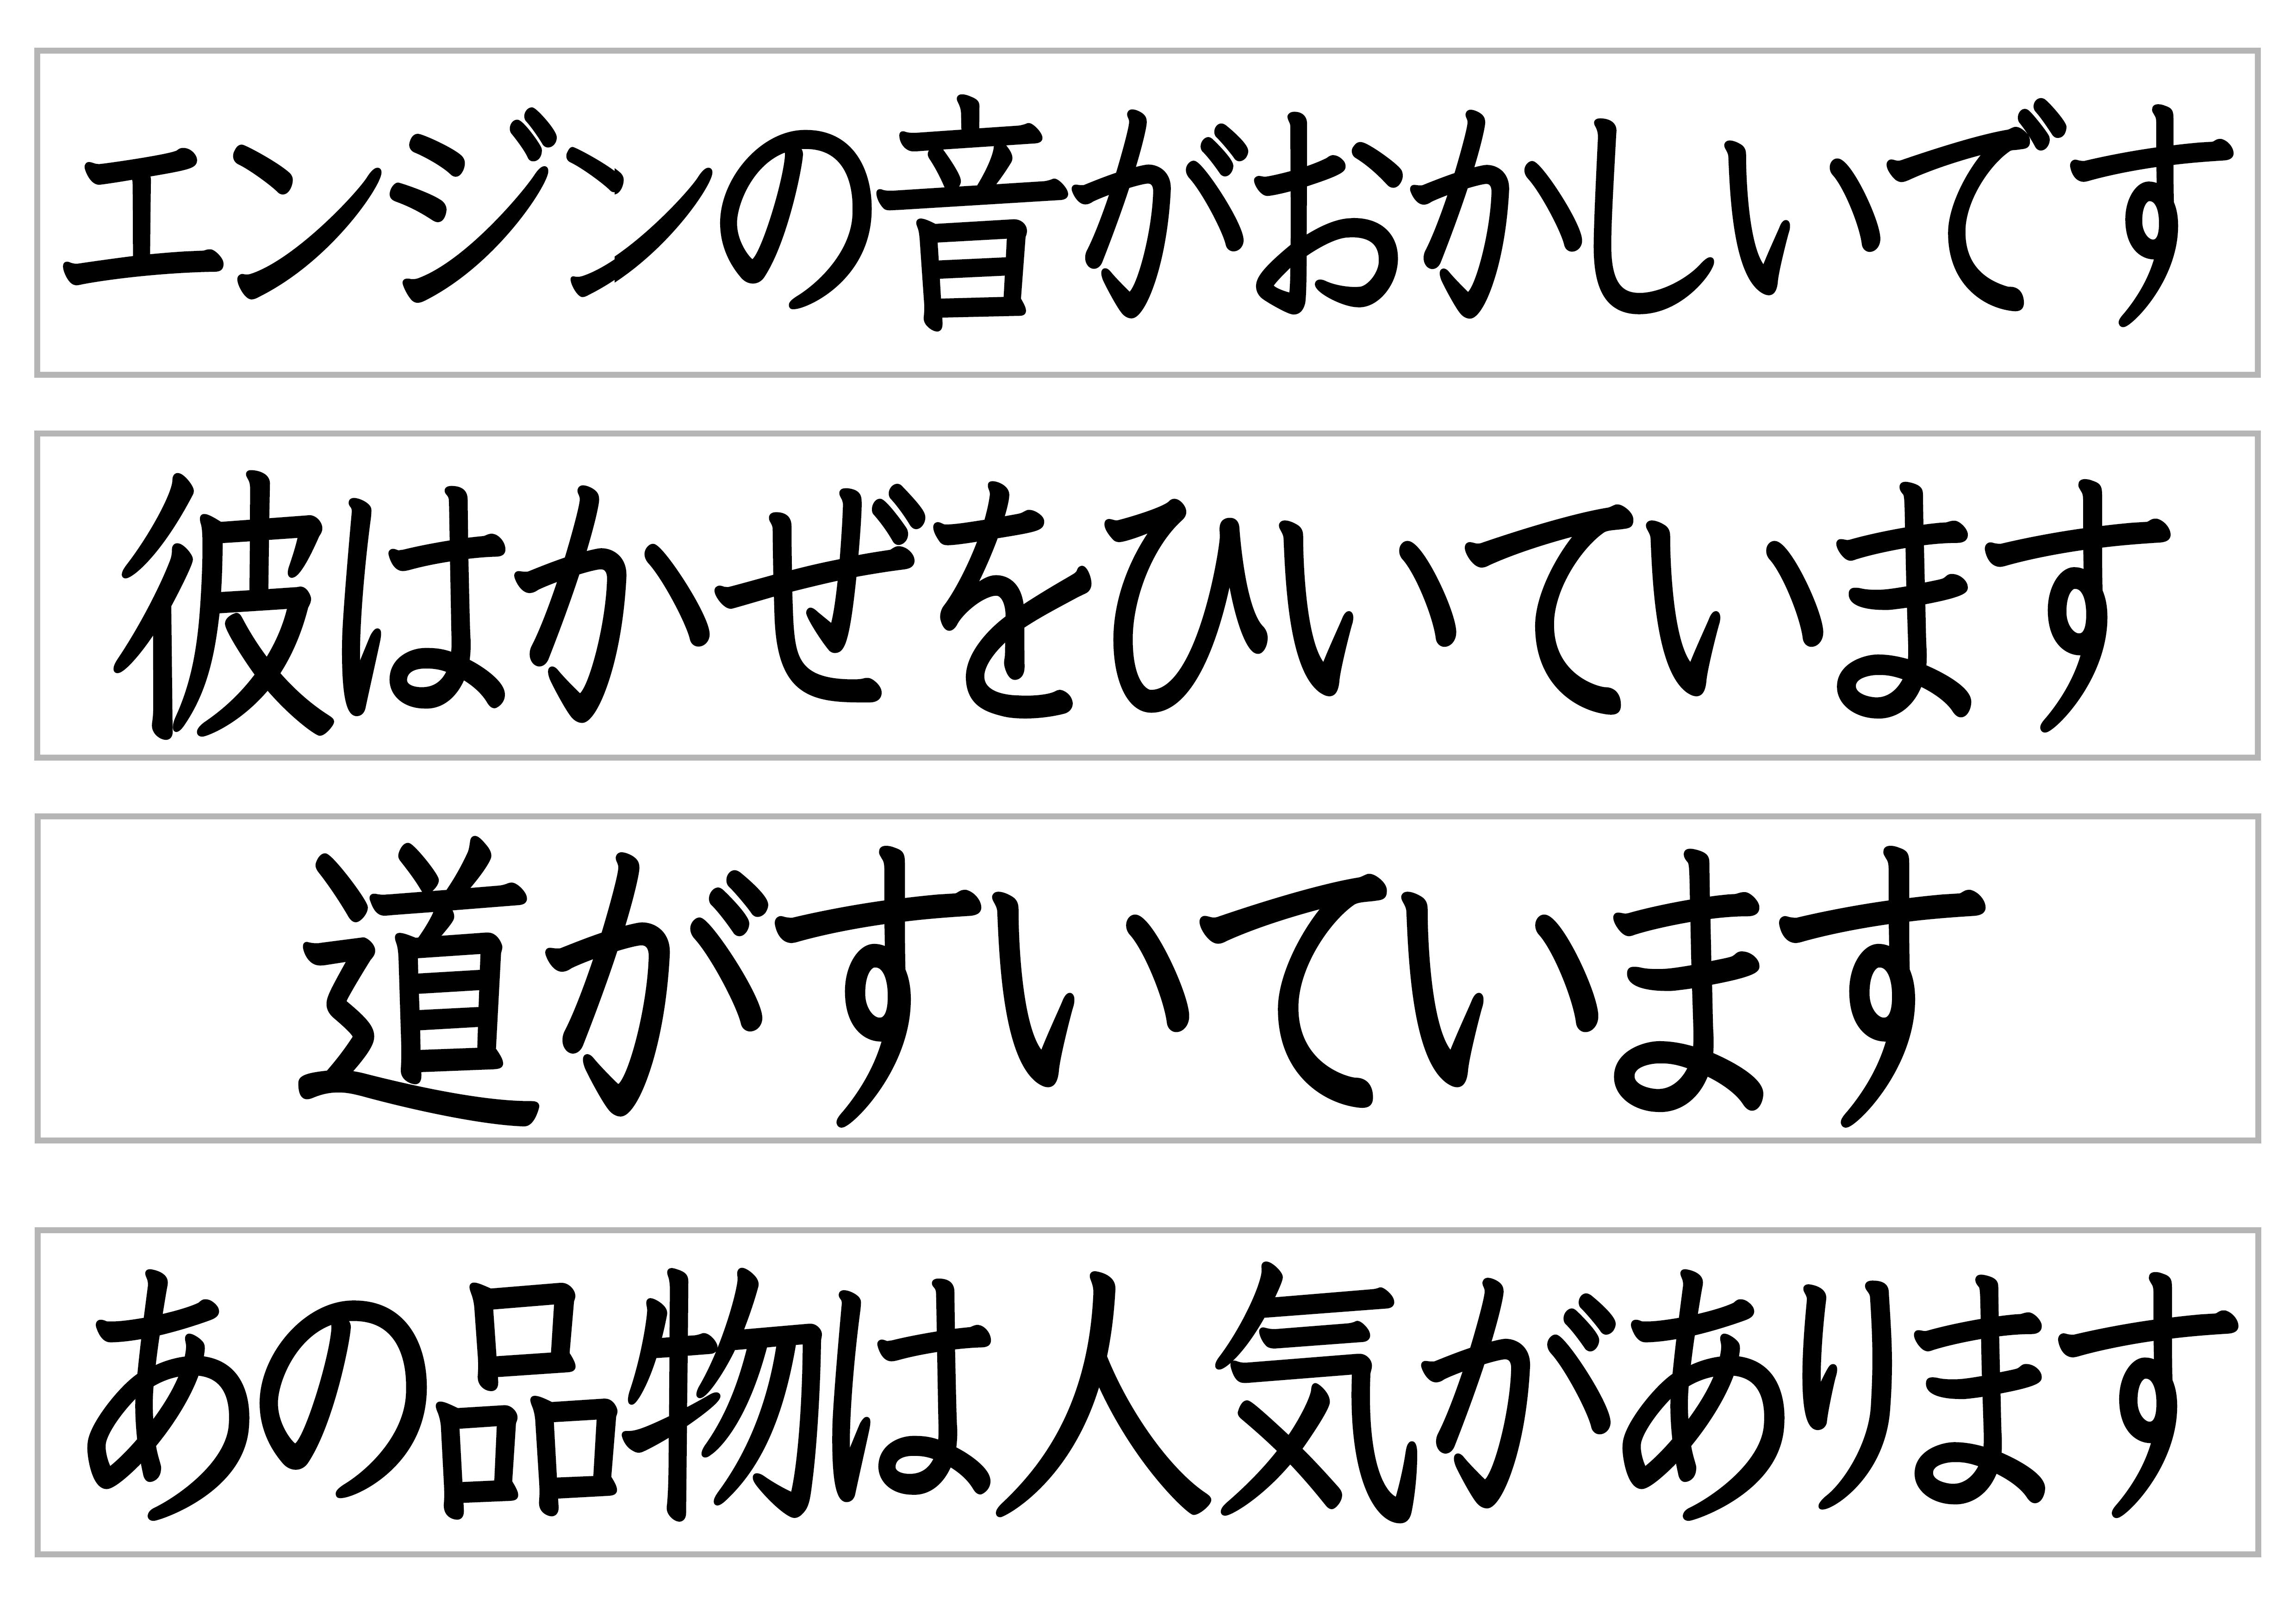 32課文字カード【ですから、〜かもしれません】